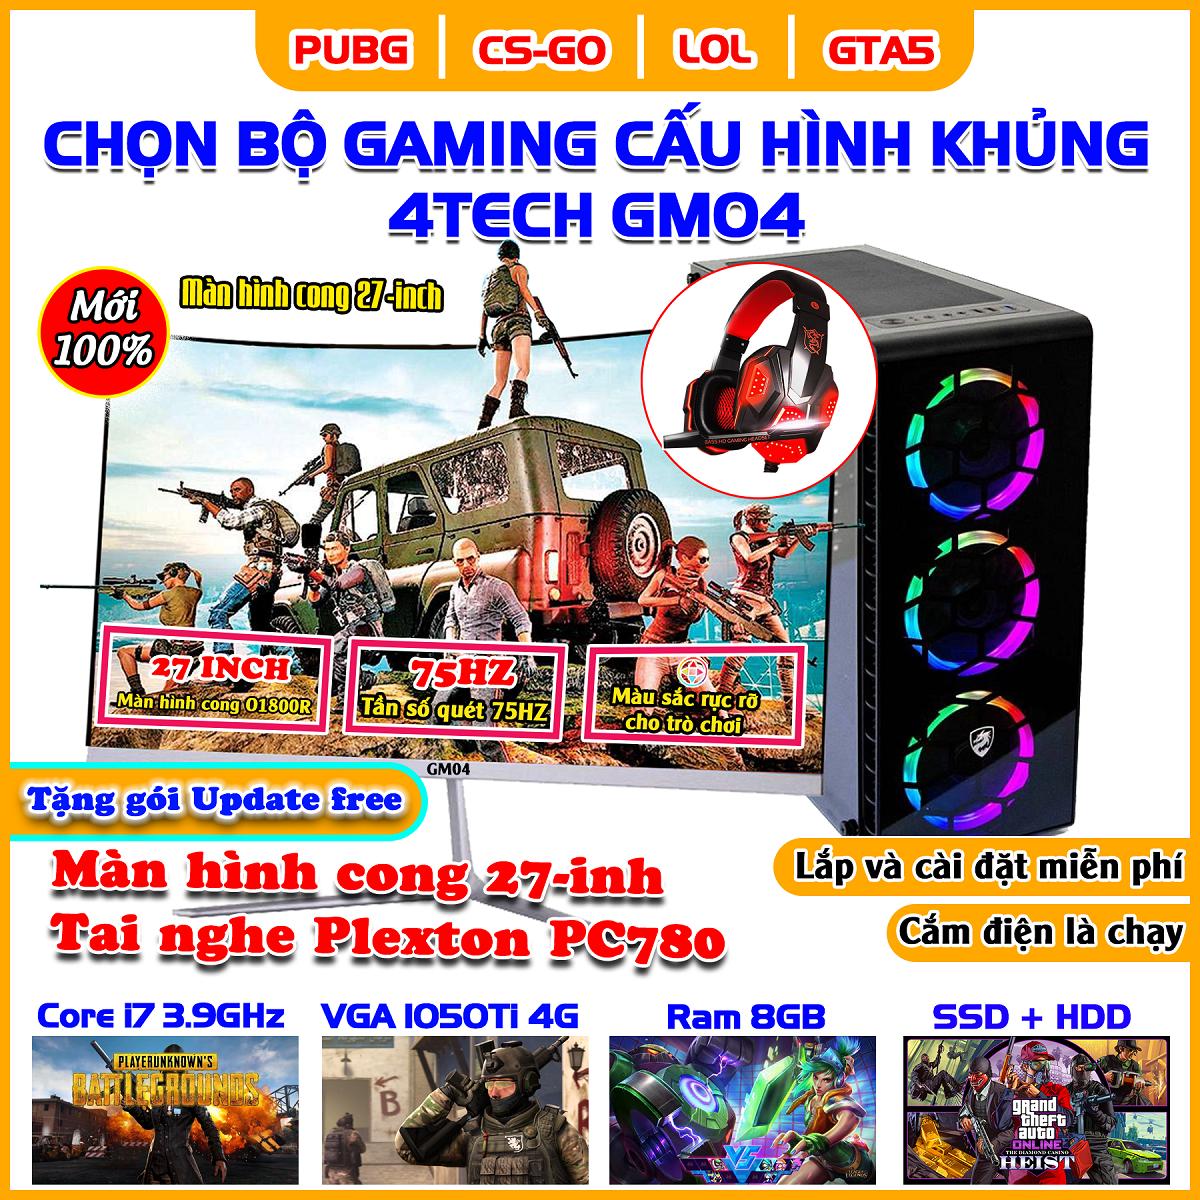 Máy tính Case PC Gaming Desktop cao cấp Core i7, Ram 8Gb, hai ổ cứng SSD + HDD, VGA 1050Ti, màn 22inch 4TechGM04 2019, thùng cây để bàn Full Led chiến mọi Game hay thế giới Maxsetting, Live Stream, thiết kế đồ họa, Edit Video, làm Youtube.